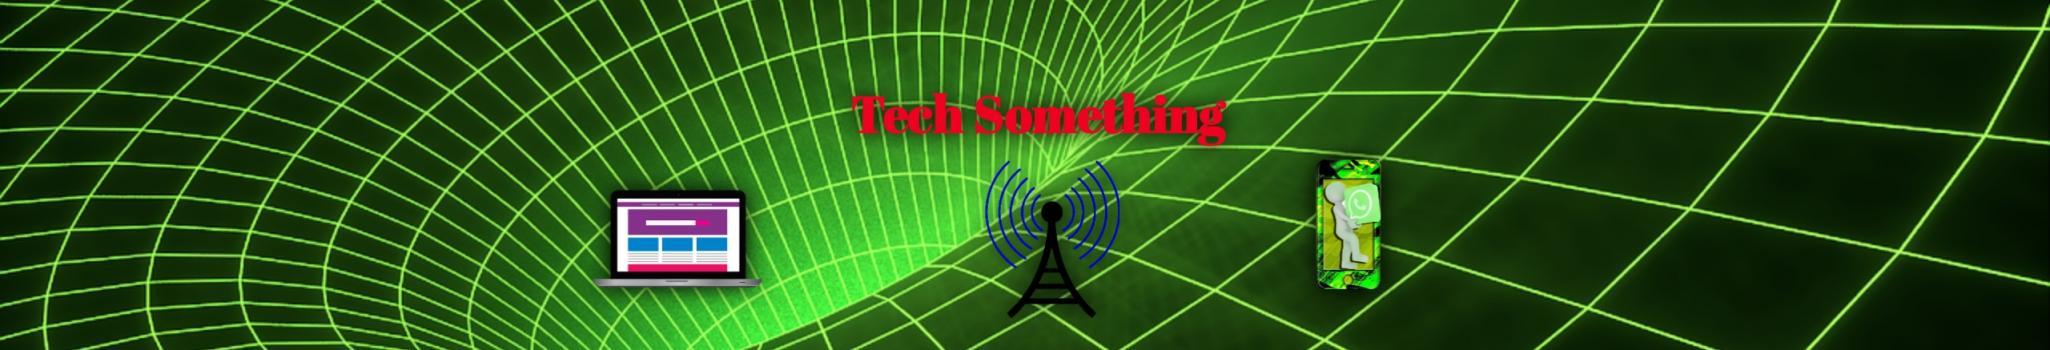 Tech Something